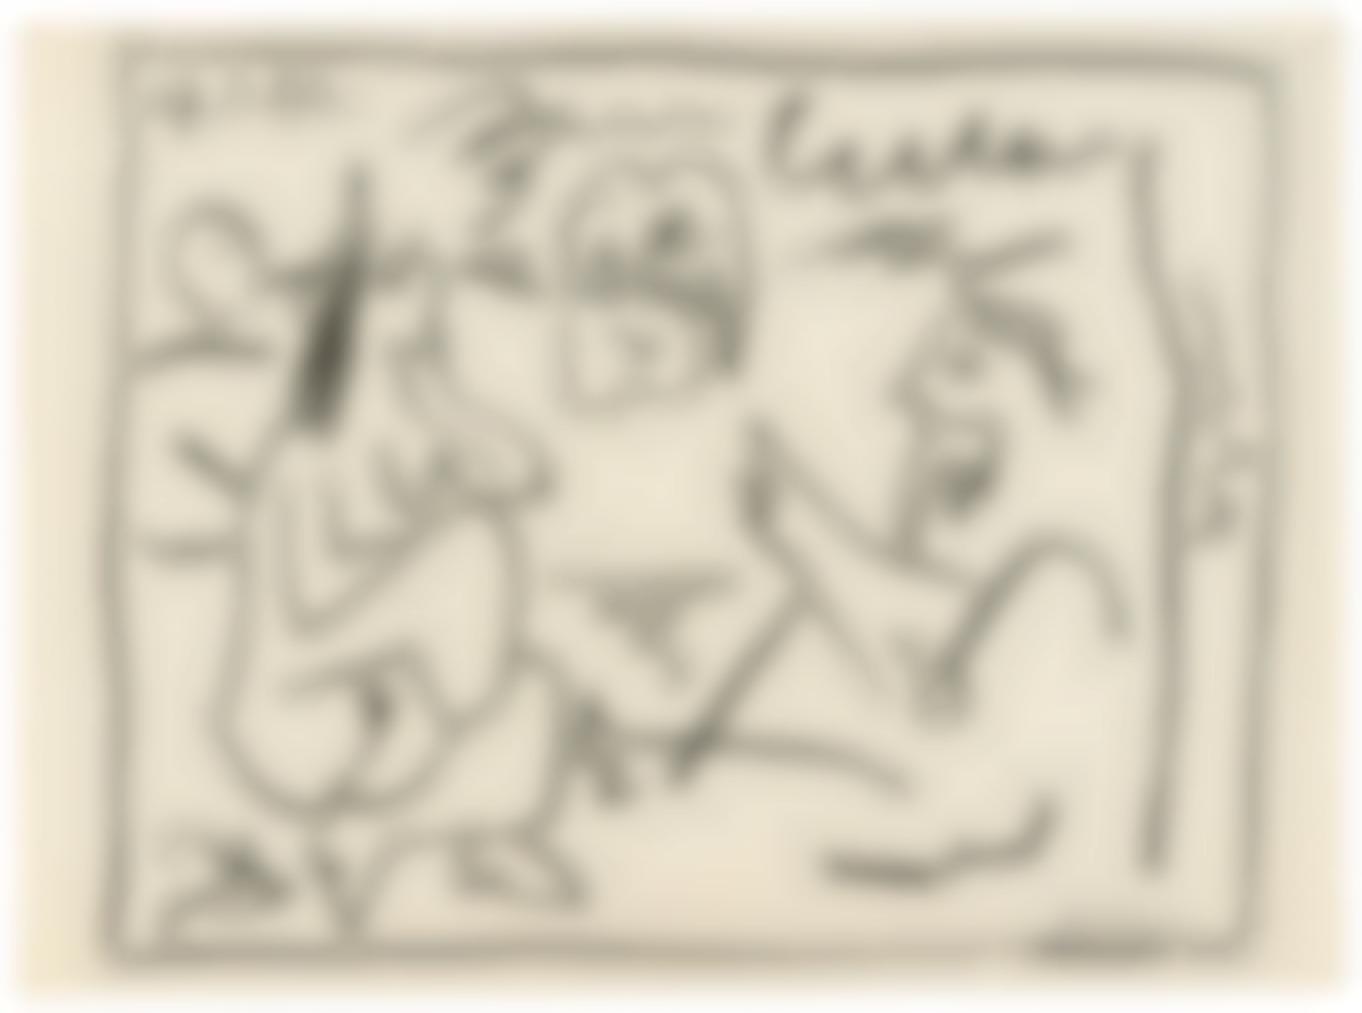 Pablo Picasso-Douglas Cooper: Pablo Picasso, Les Dejeuners-1962